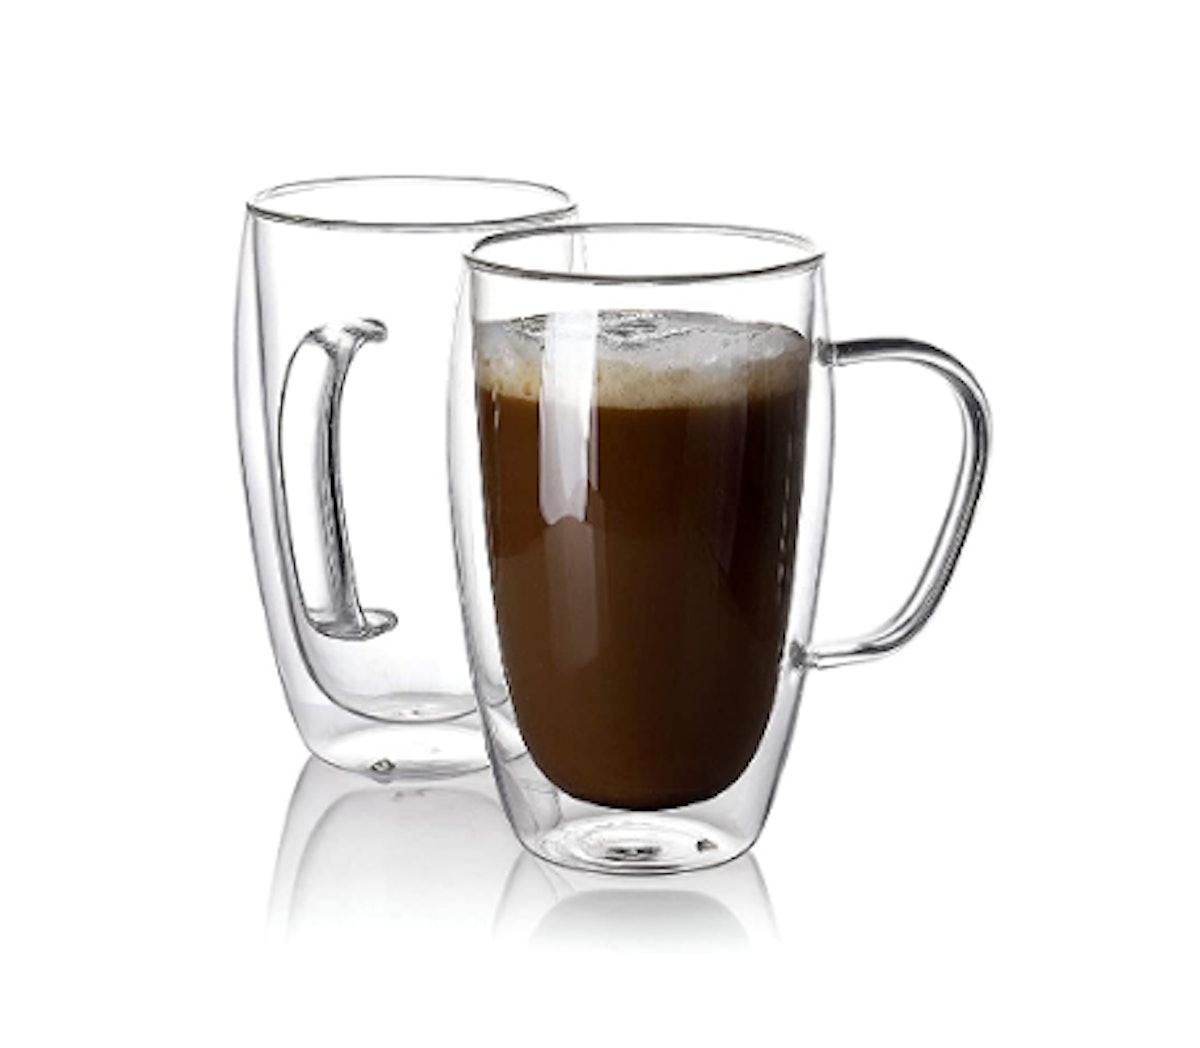 Sweese Glass Coffee Mugs